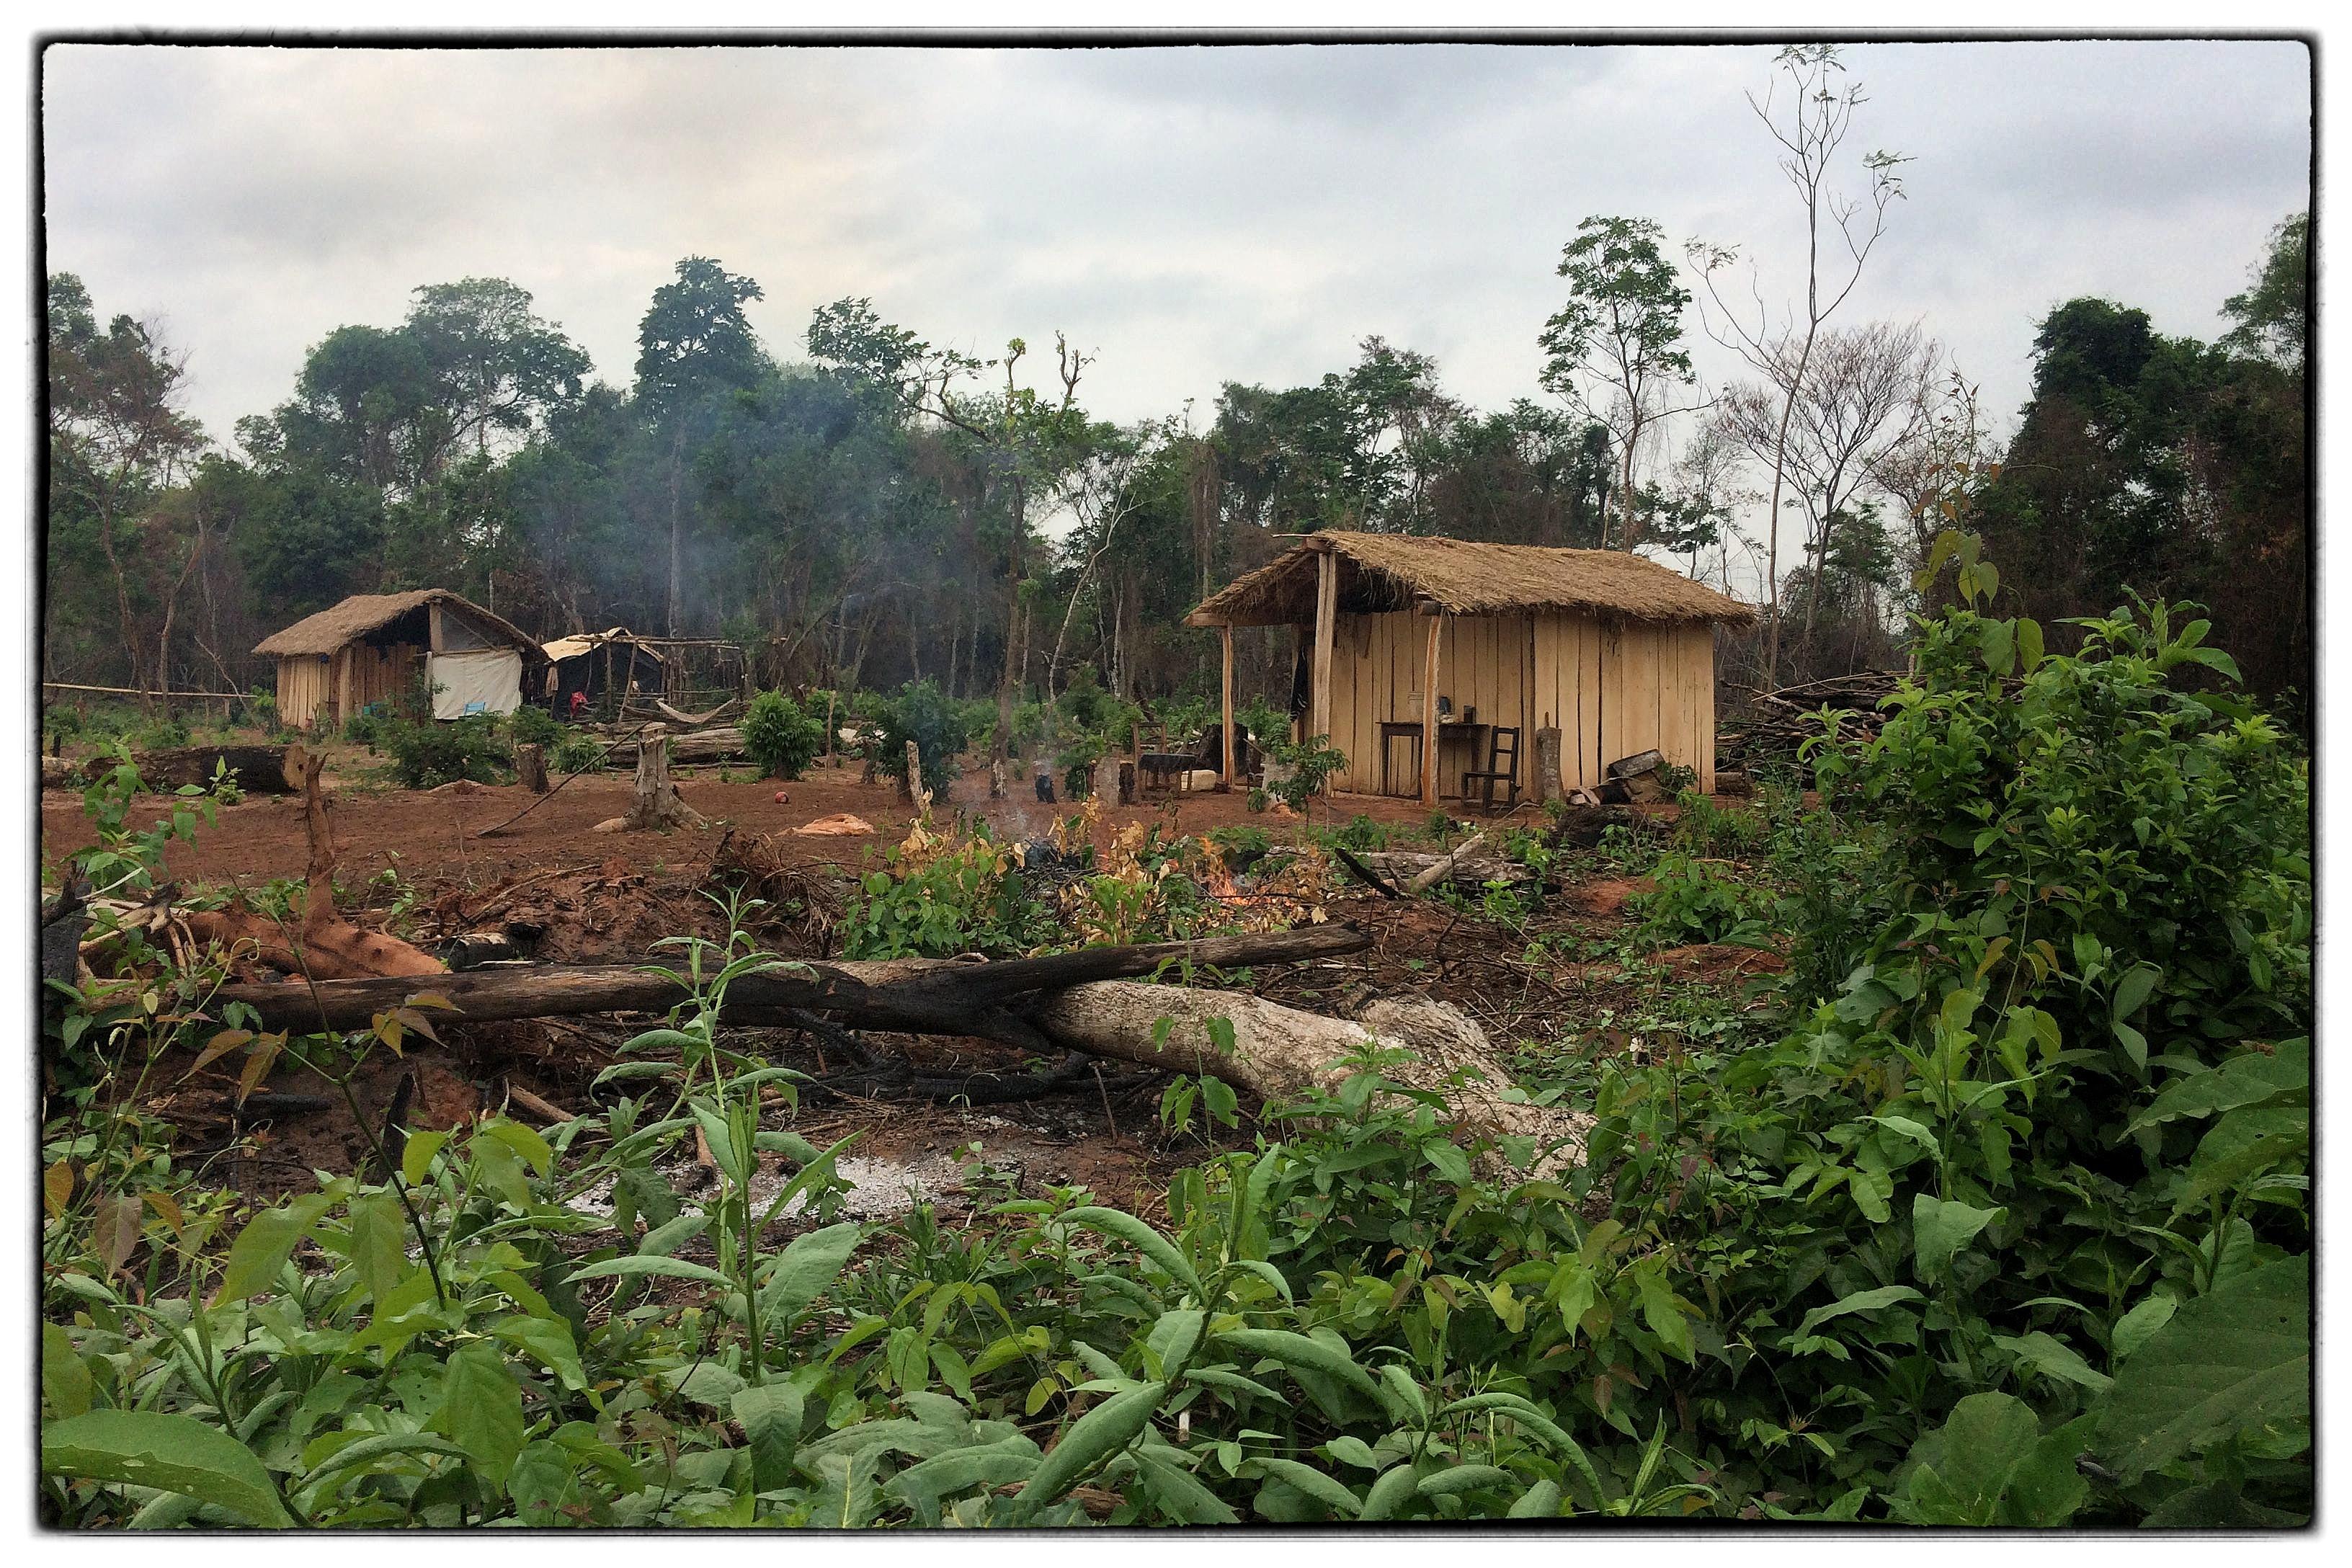 Cultivo Y Tráfico En Paraguay: La Ausencia Del Desentendido